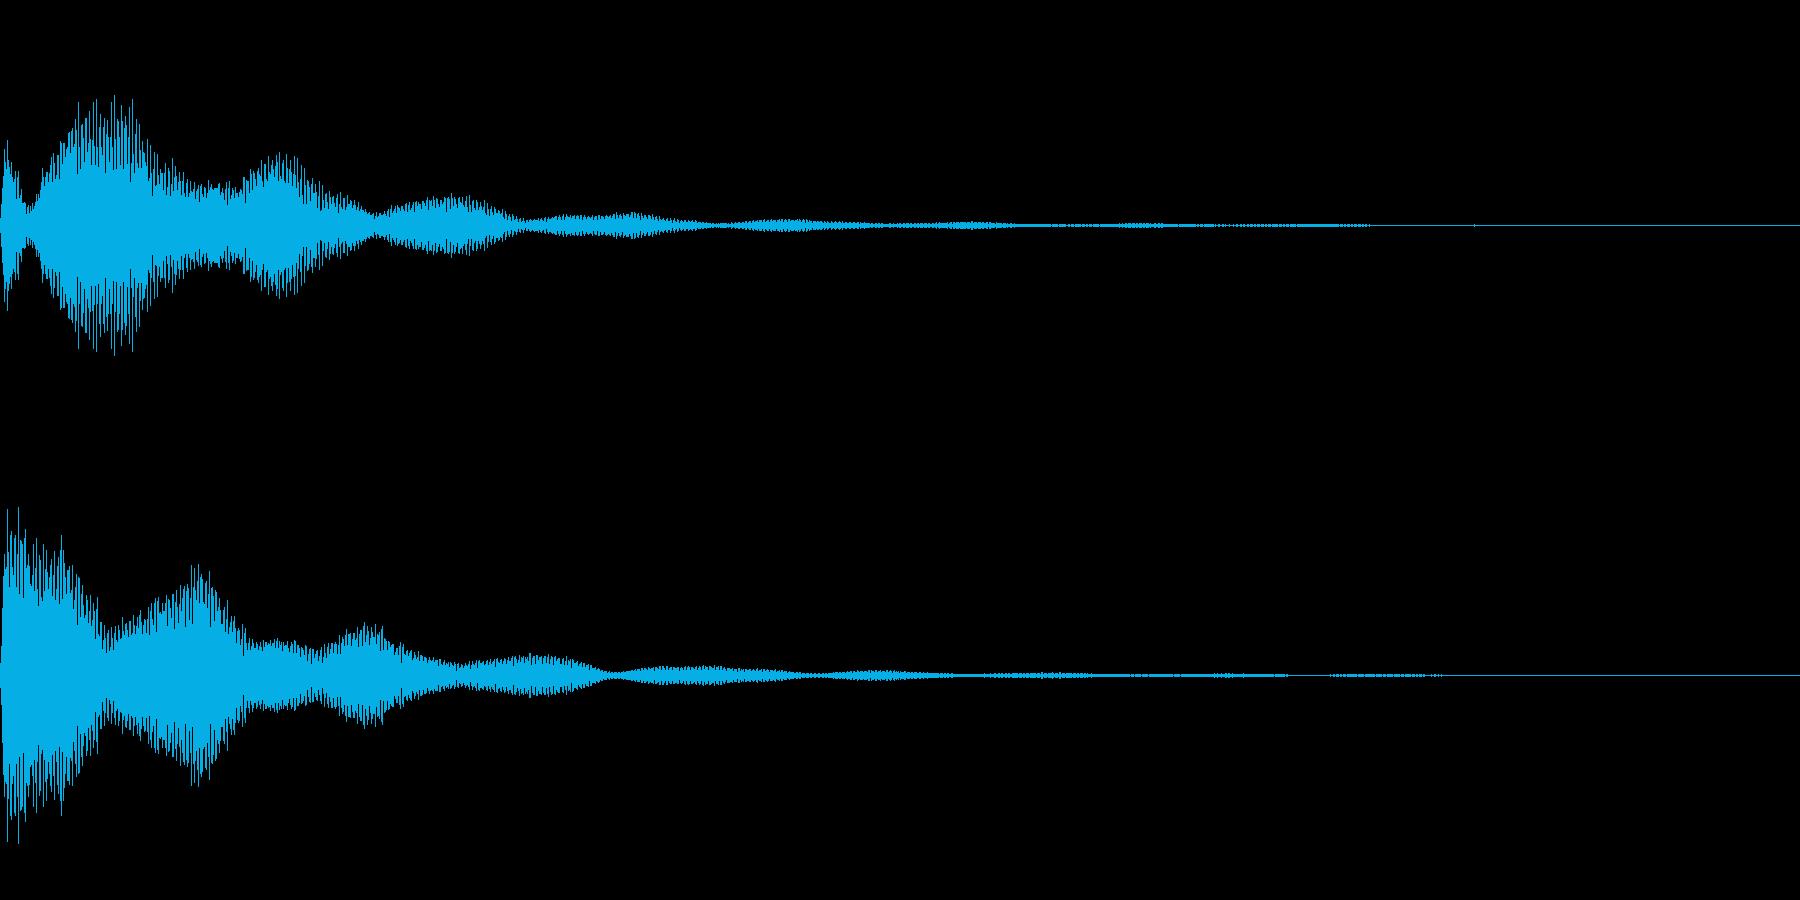 サスペンスっぽい怪しいエレピの音の再生済みの波形